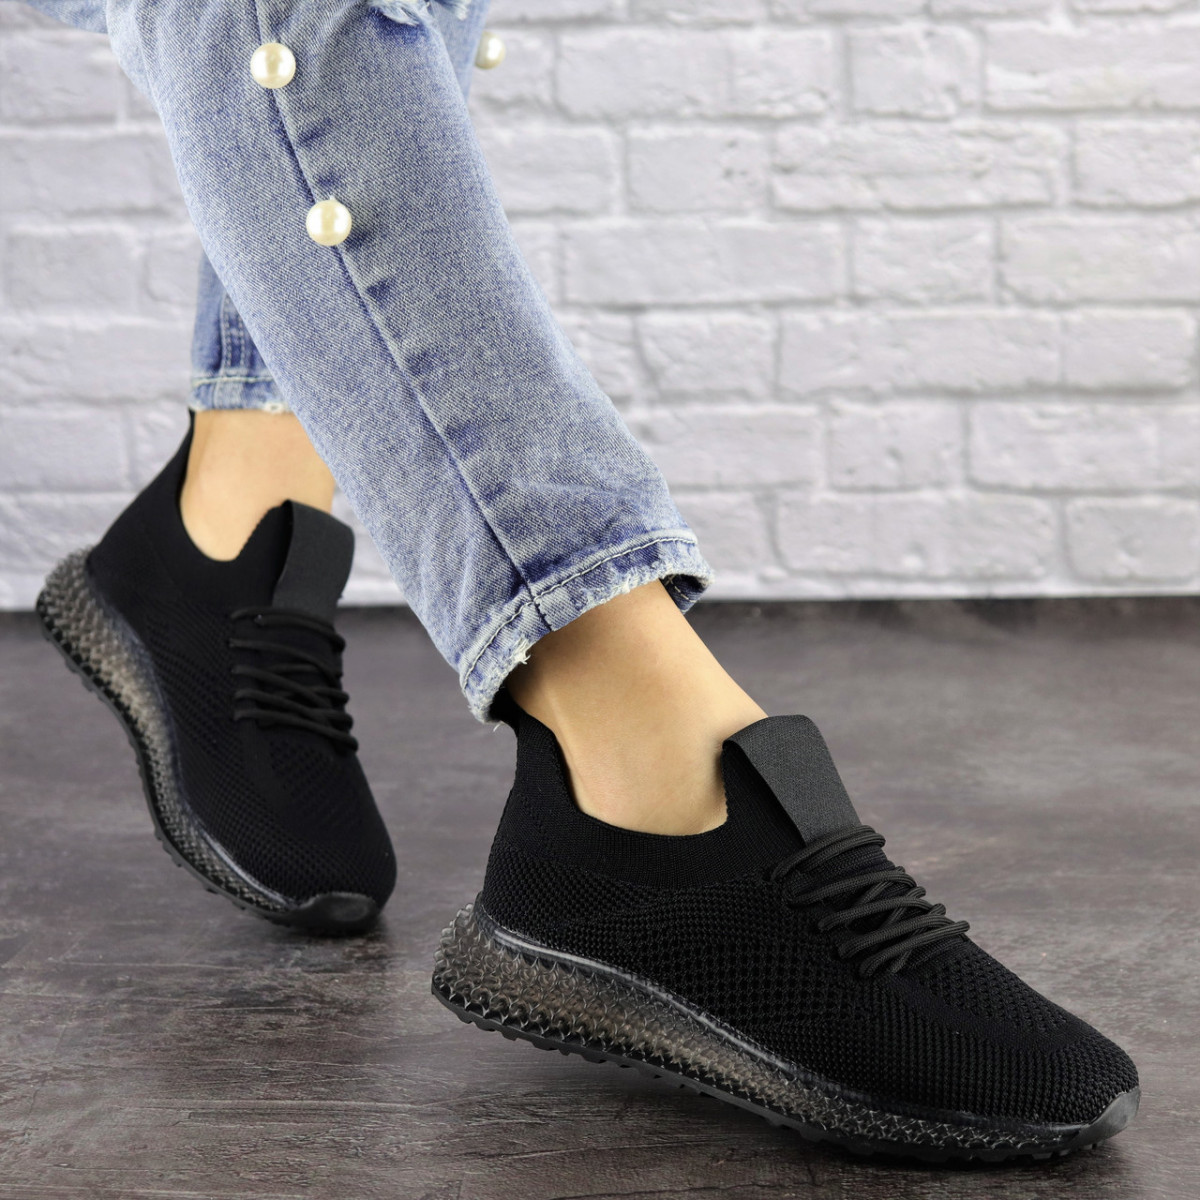 Женские кроссовки Fashion Naya 1484 39 размер 25 см Черный